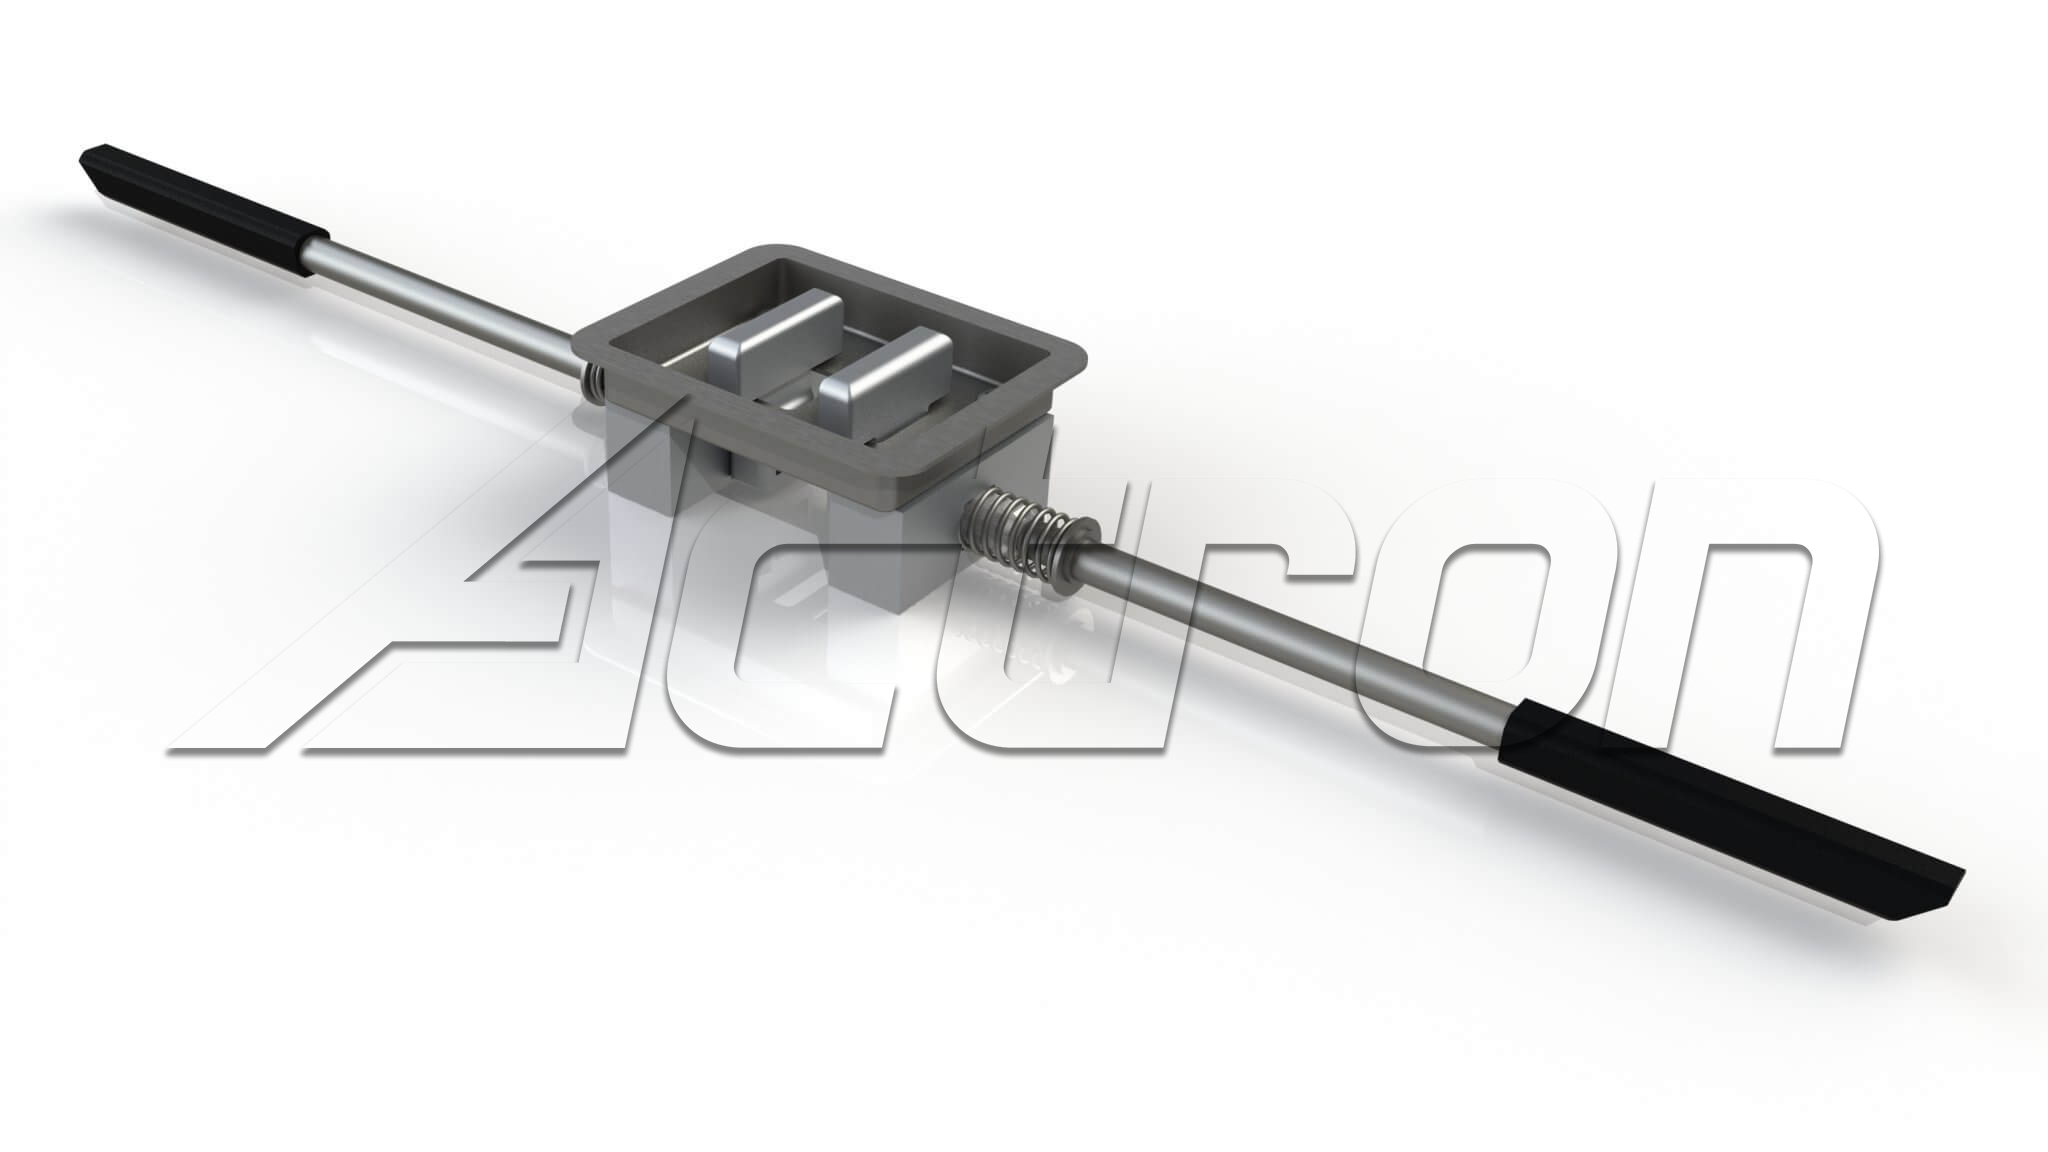 door-bolting-system-8211-sliding-3993-a39041.jpg